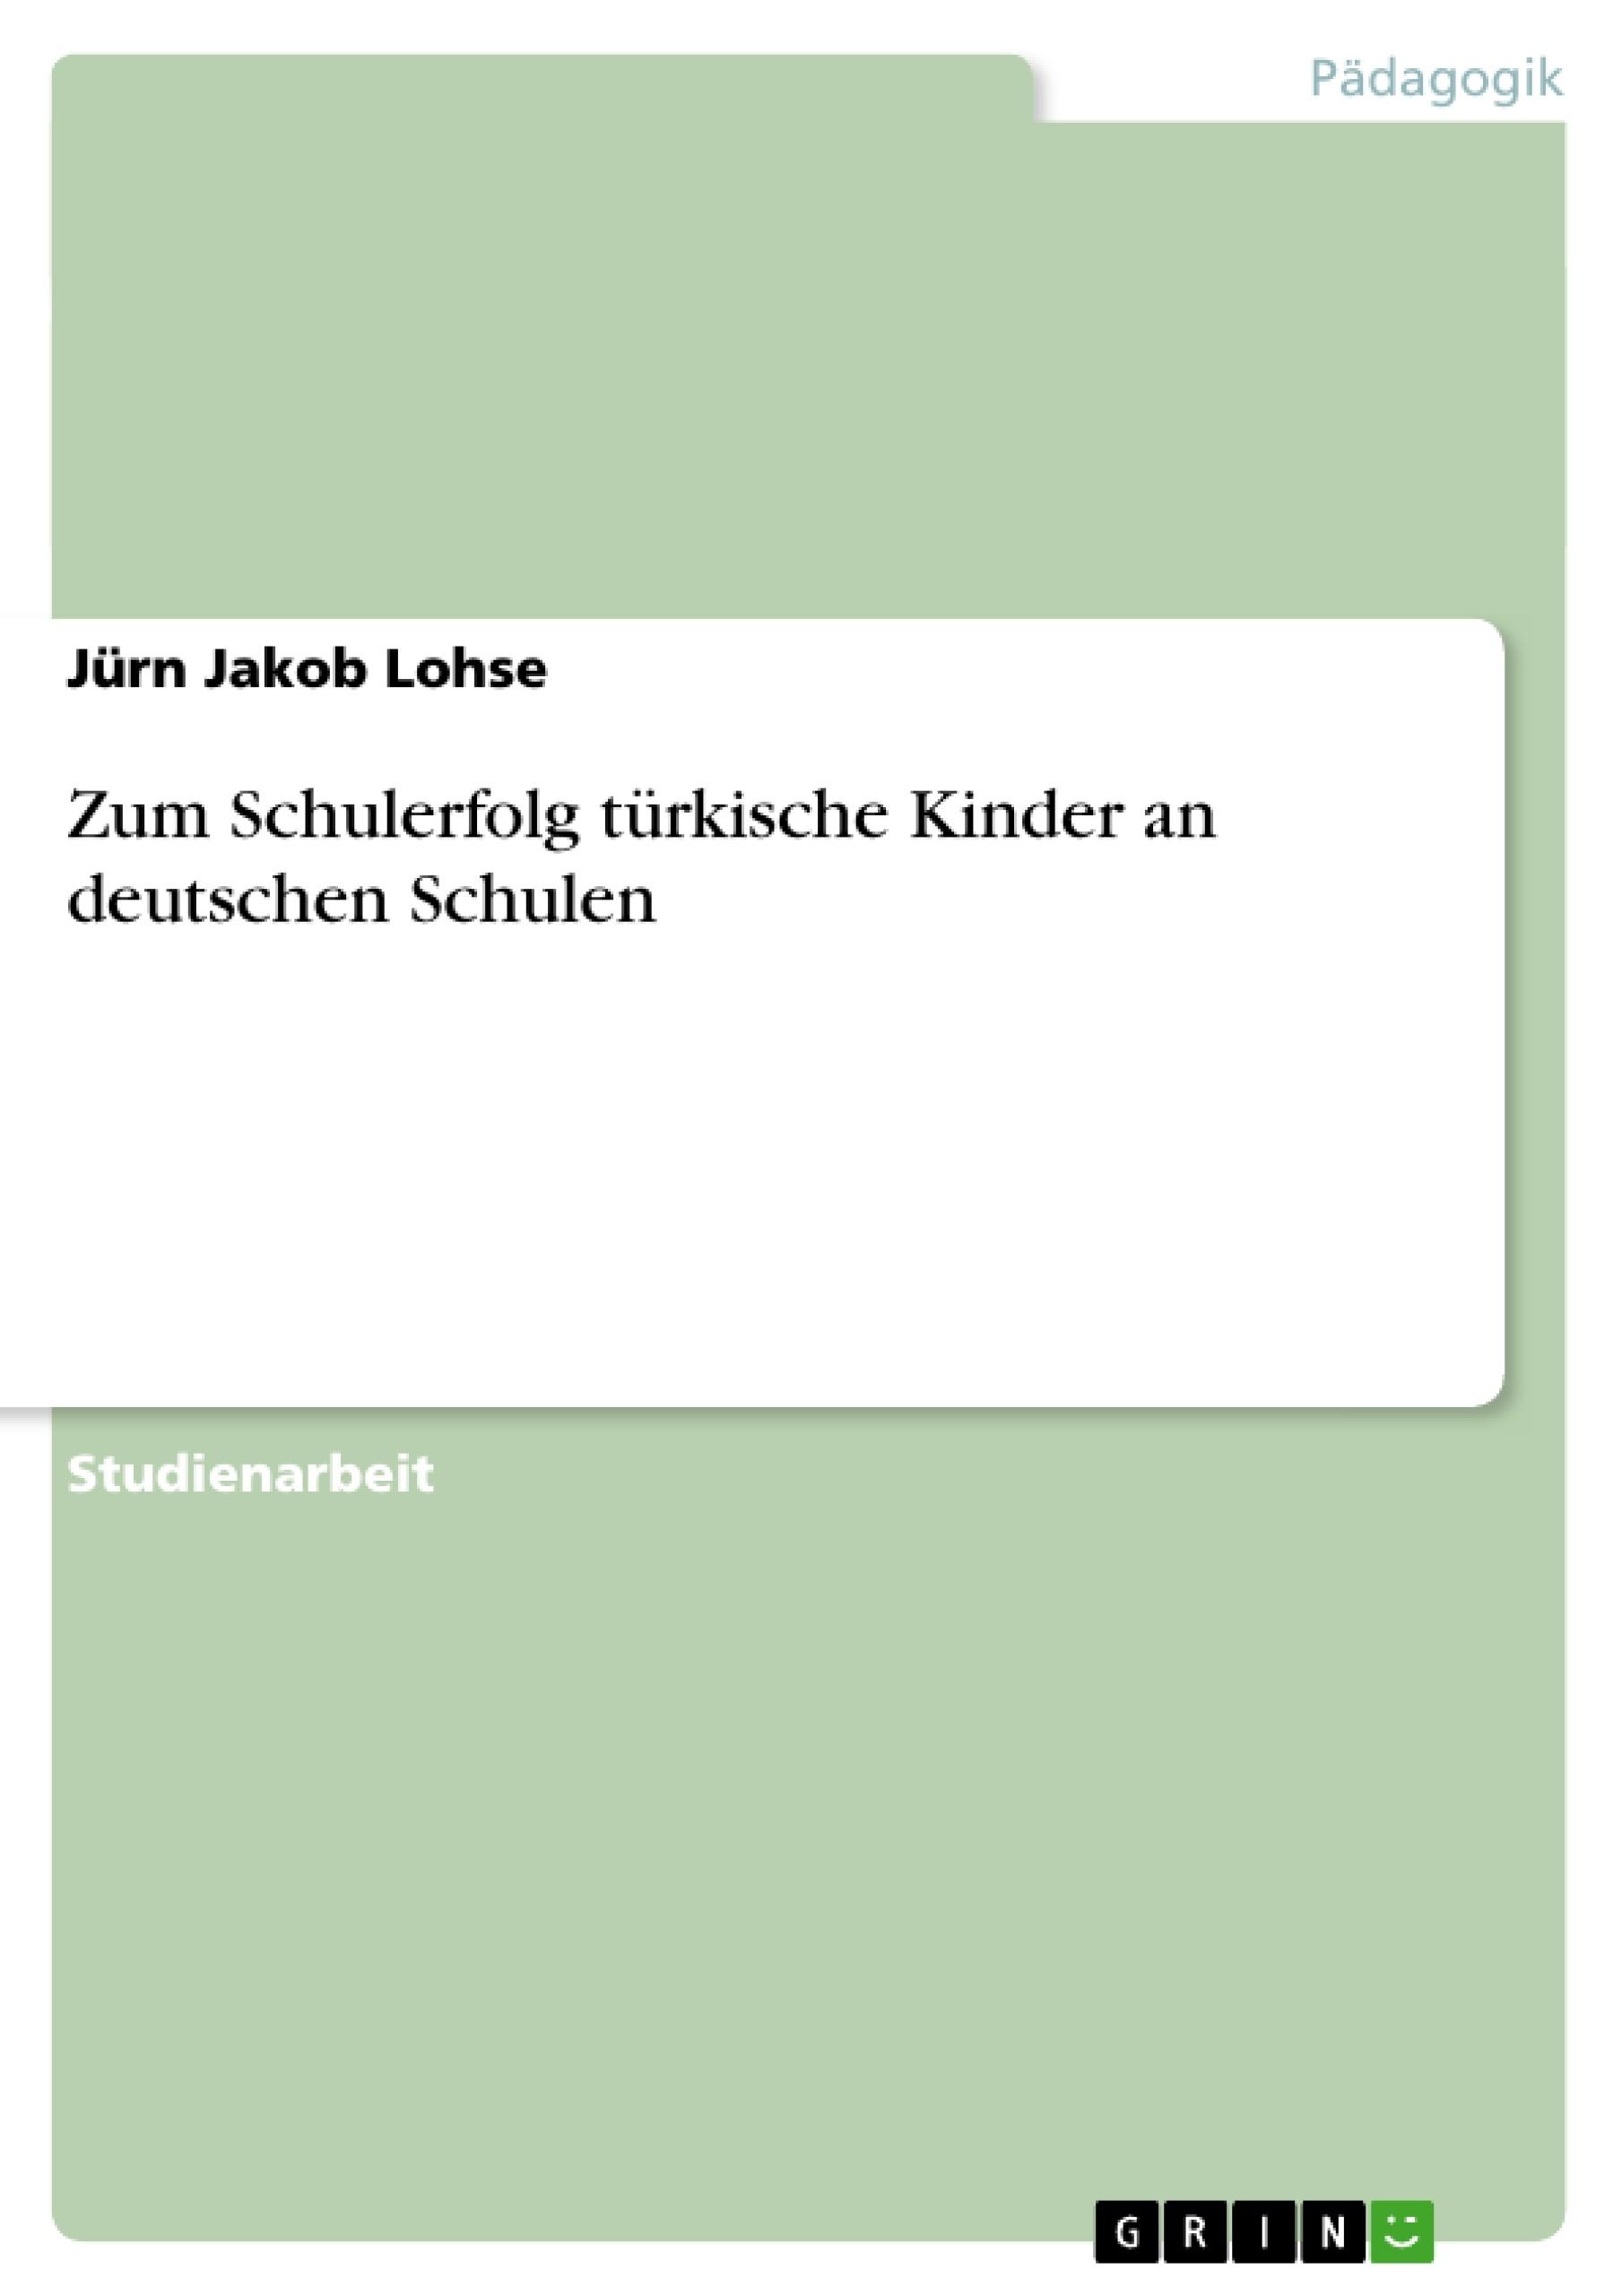 Titel: Zum Schulerfolg türkische Kinder an deutschen Schulen